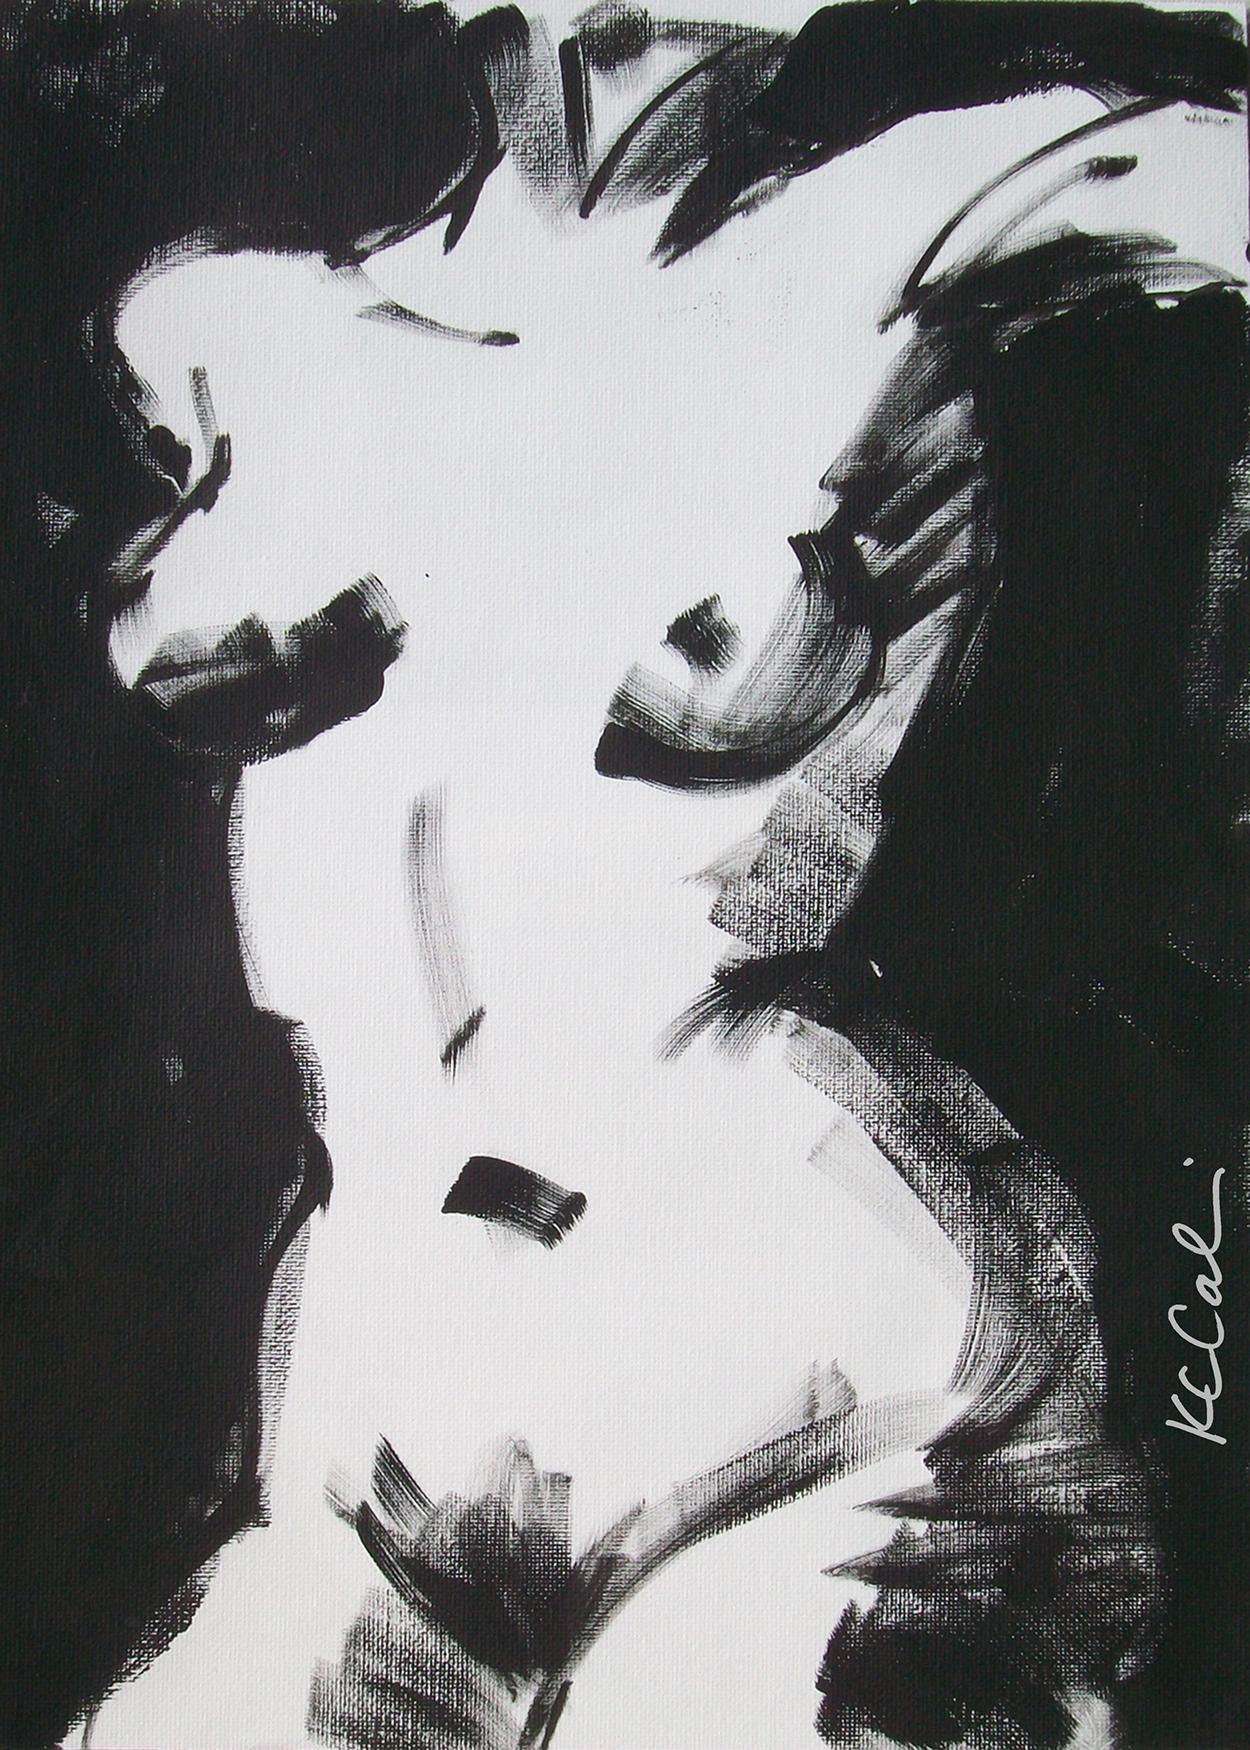 Torso 3  -  acrylic on canvas   [sold]